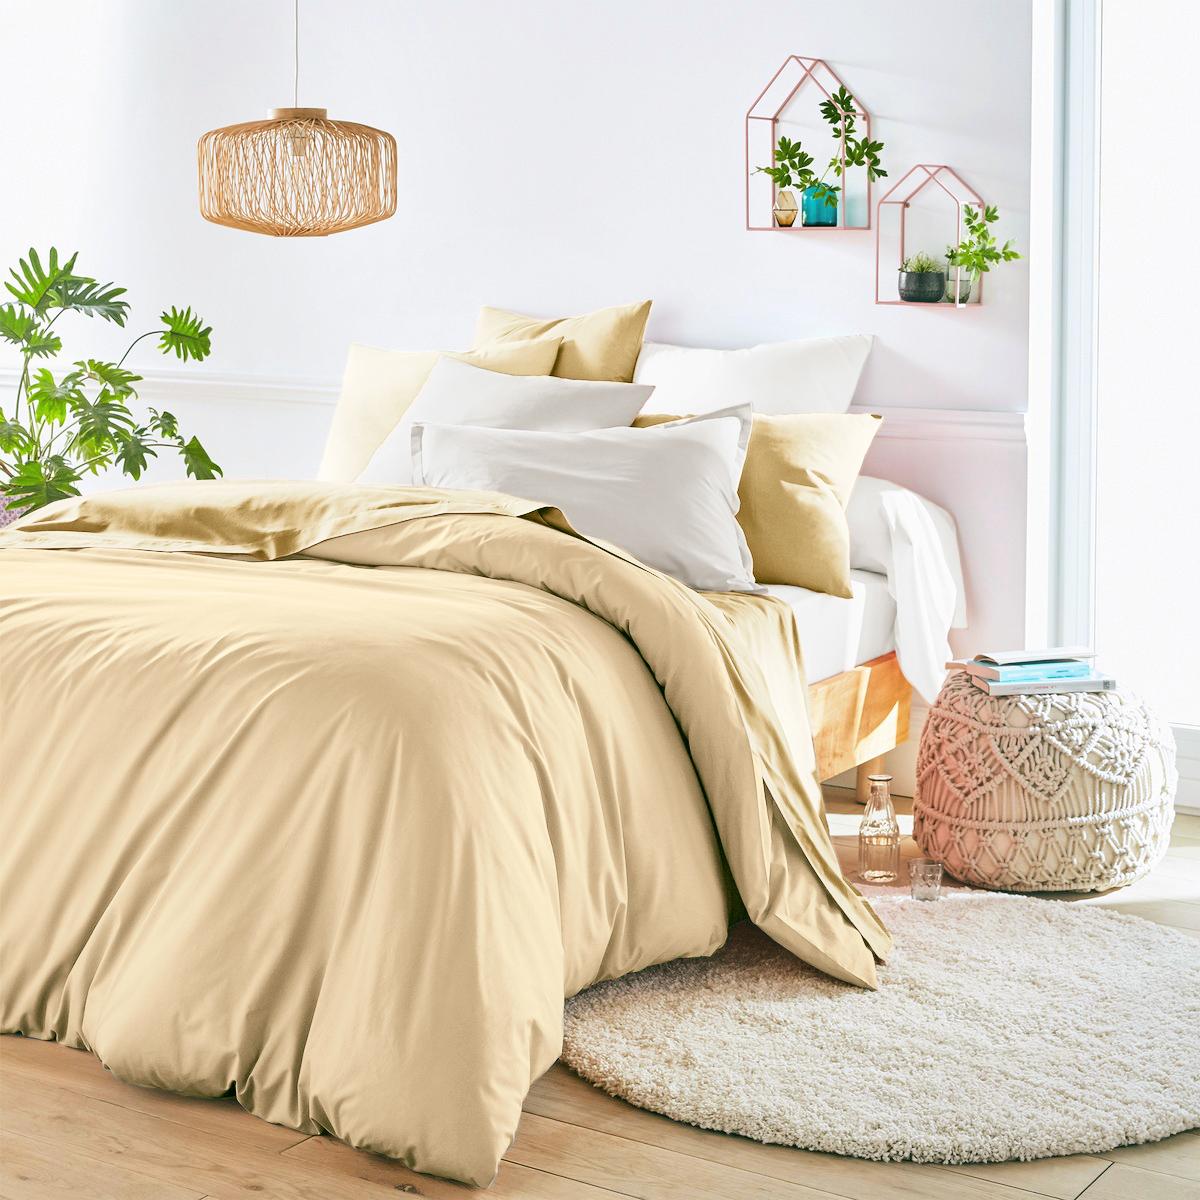 Купить Комплекты постельного белья Dome, Пододеяльник Aerlight Цвет: Бежевый (200х215 см), Дания, Хлопковый сатин